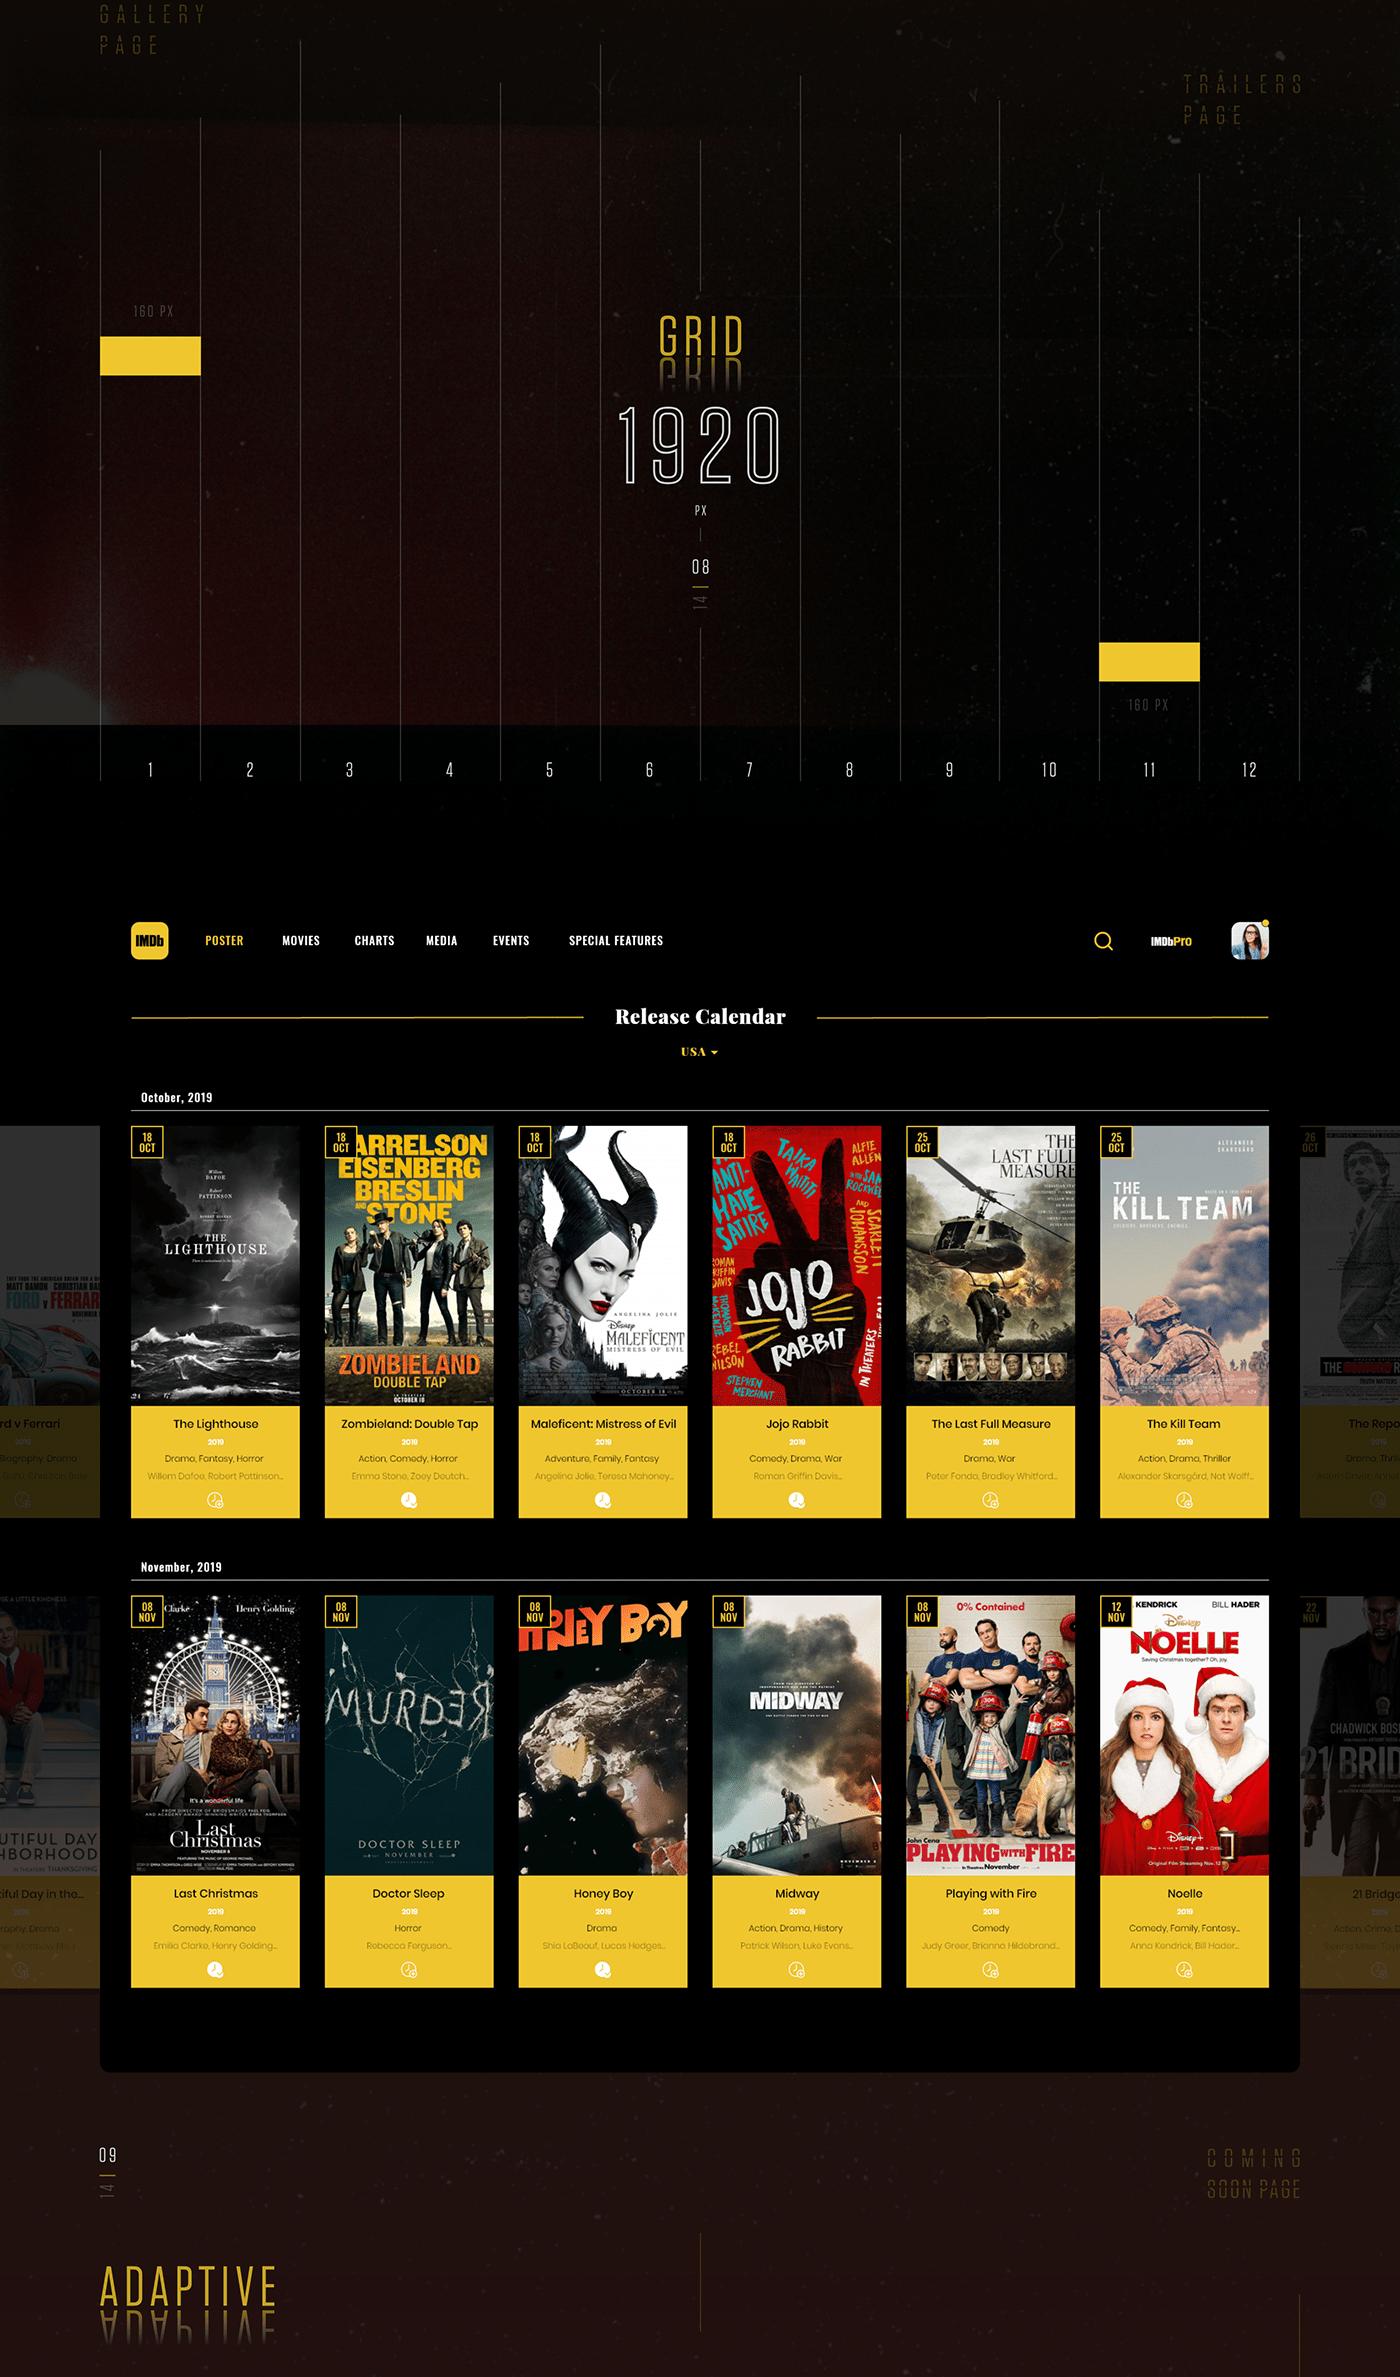 imdb movie films UI ux best top new brand MadeWithAdobeXd